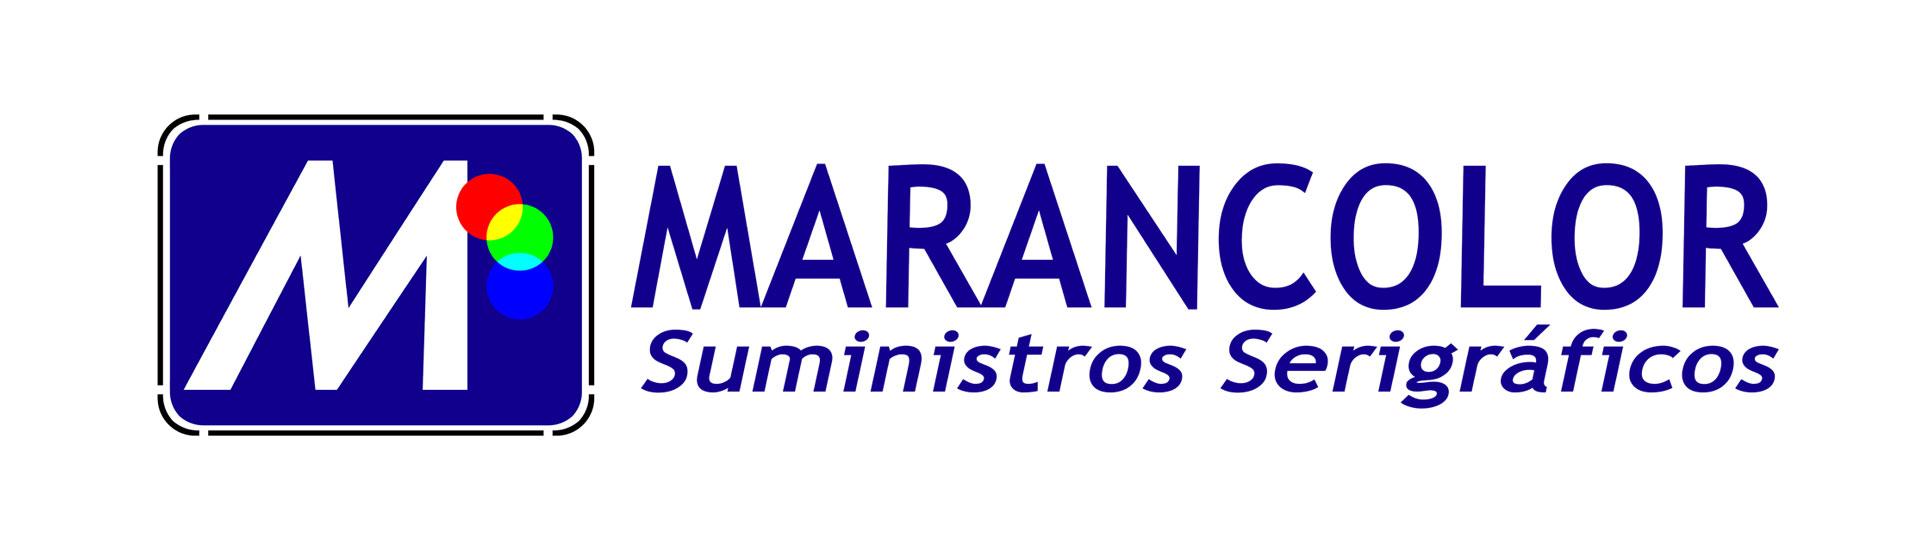 CONTACTAR CON MARANCOLOR